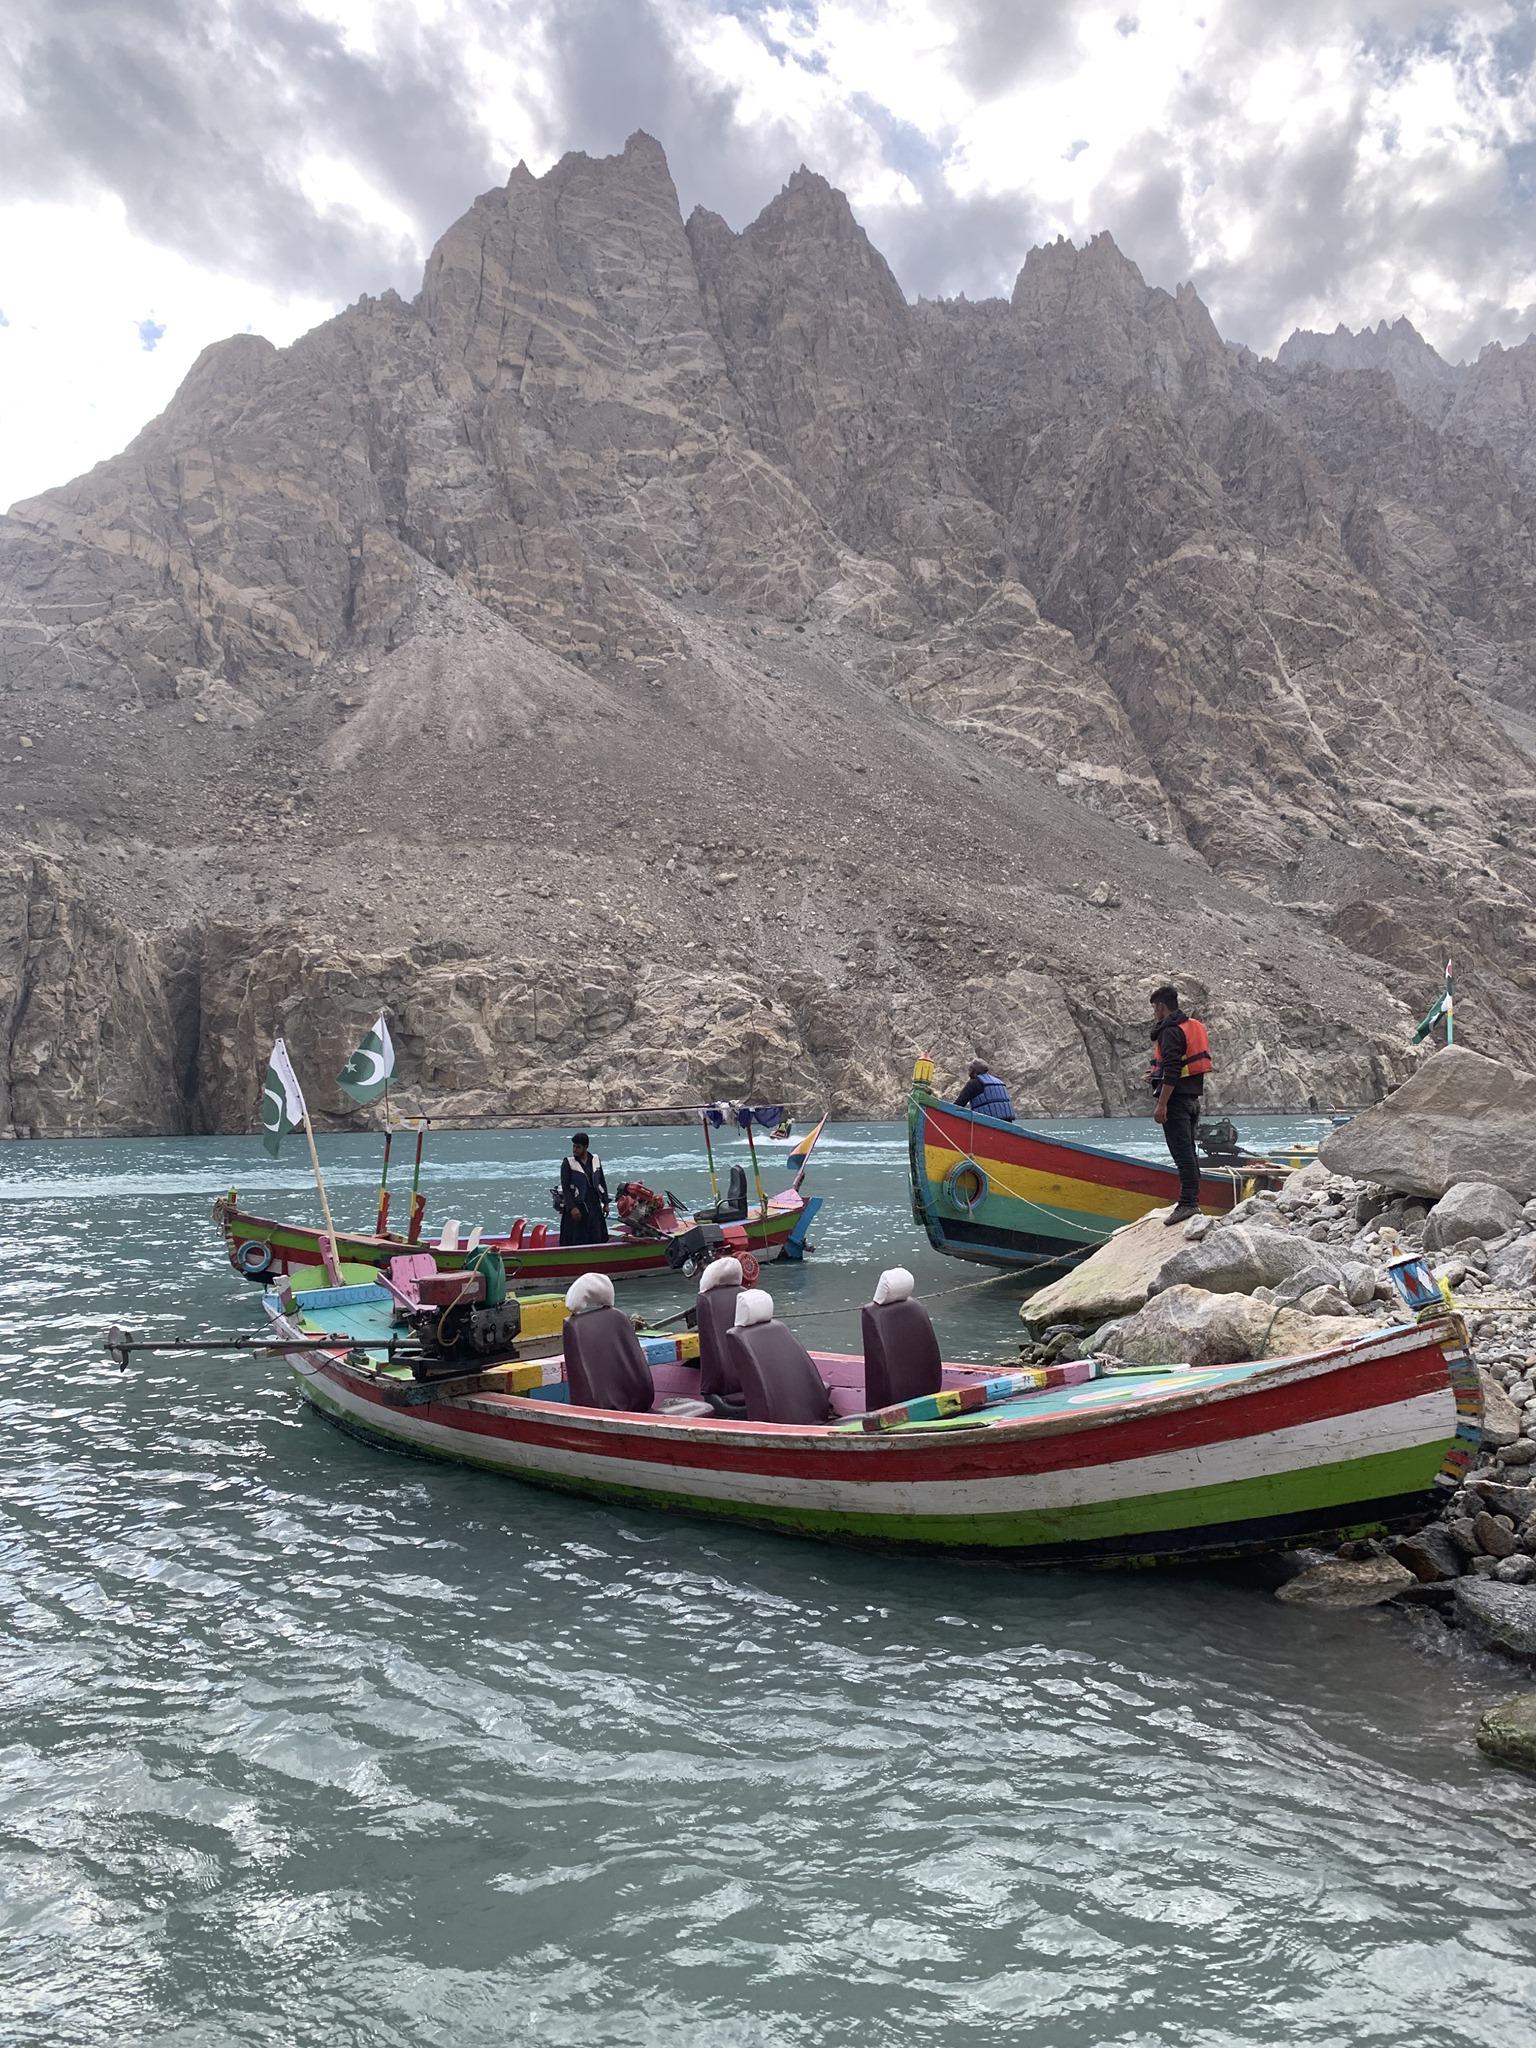 attabad lake